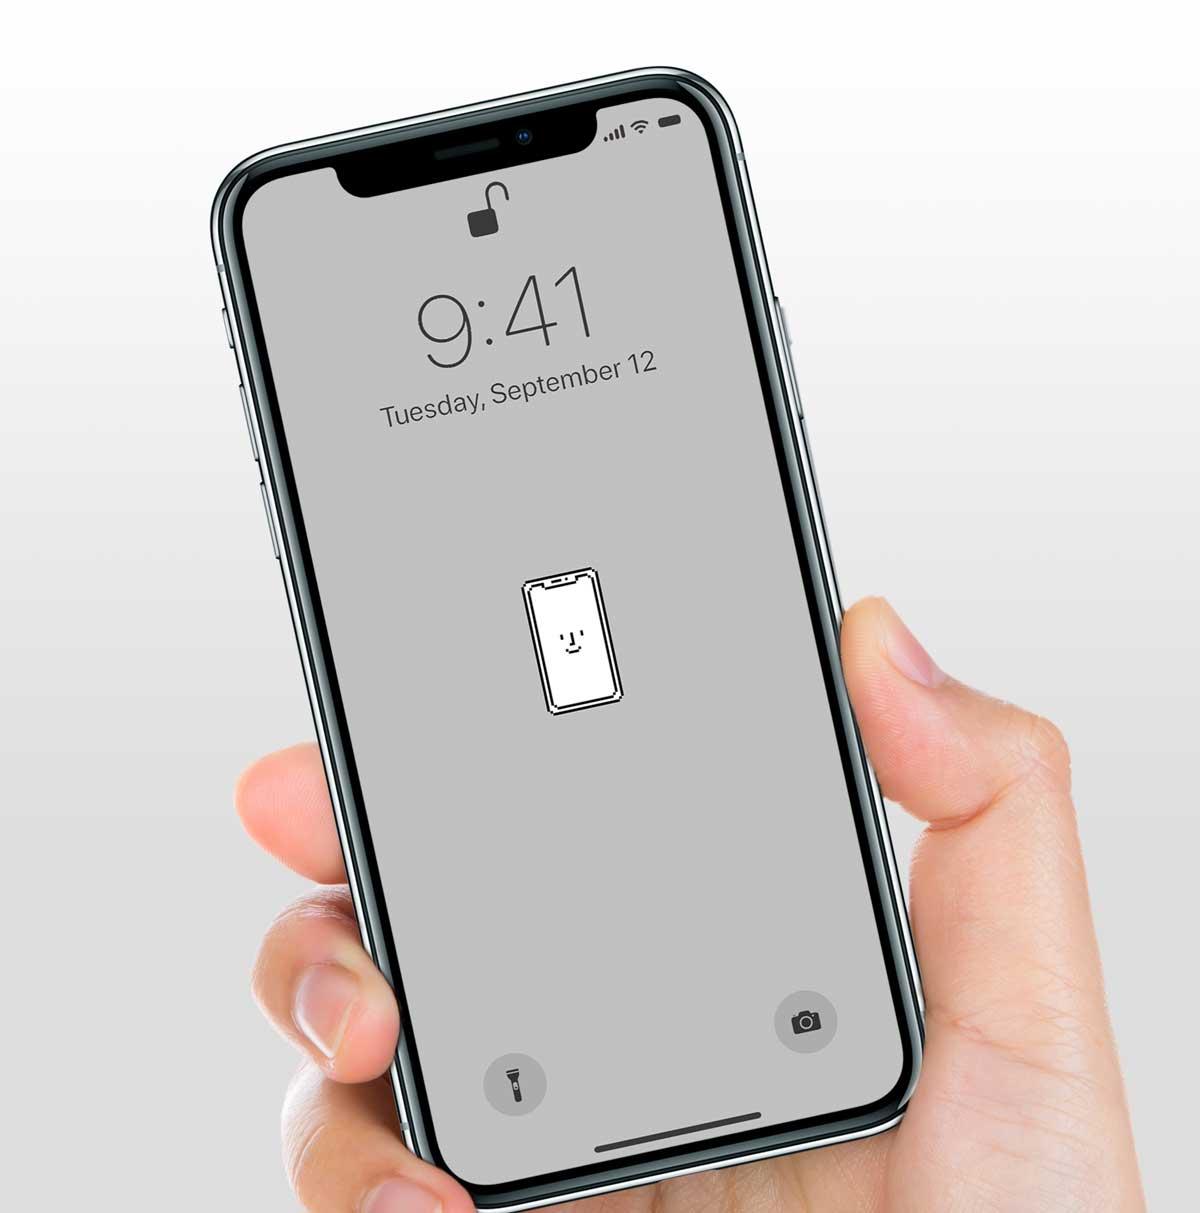 Iphone X用のhappyな壁紙 Happy Iphone X メタ ノート